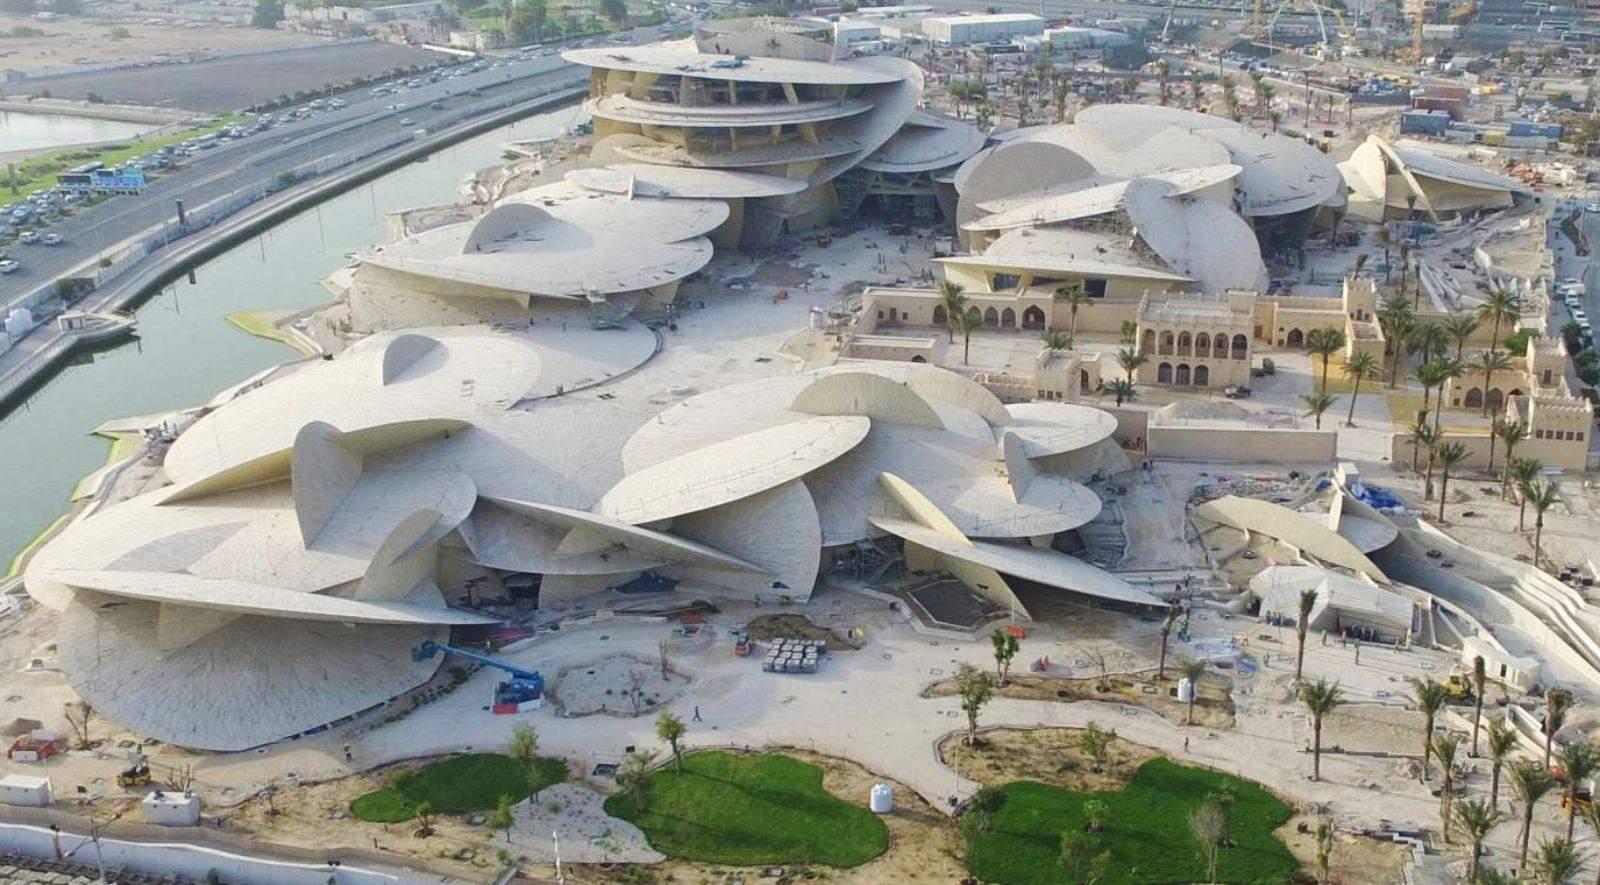 Окрім музею тут є аудиторії, ресторан на даху та ботанічний сад  / Фото As architecture